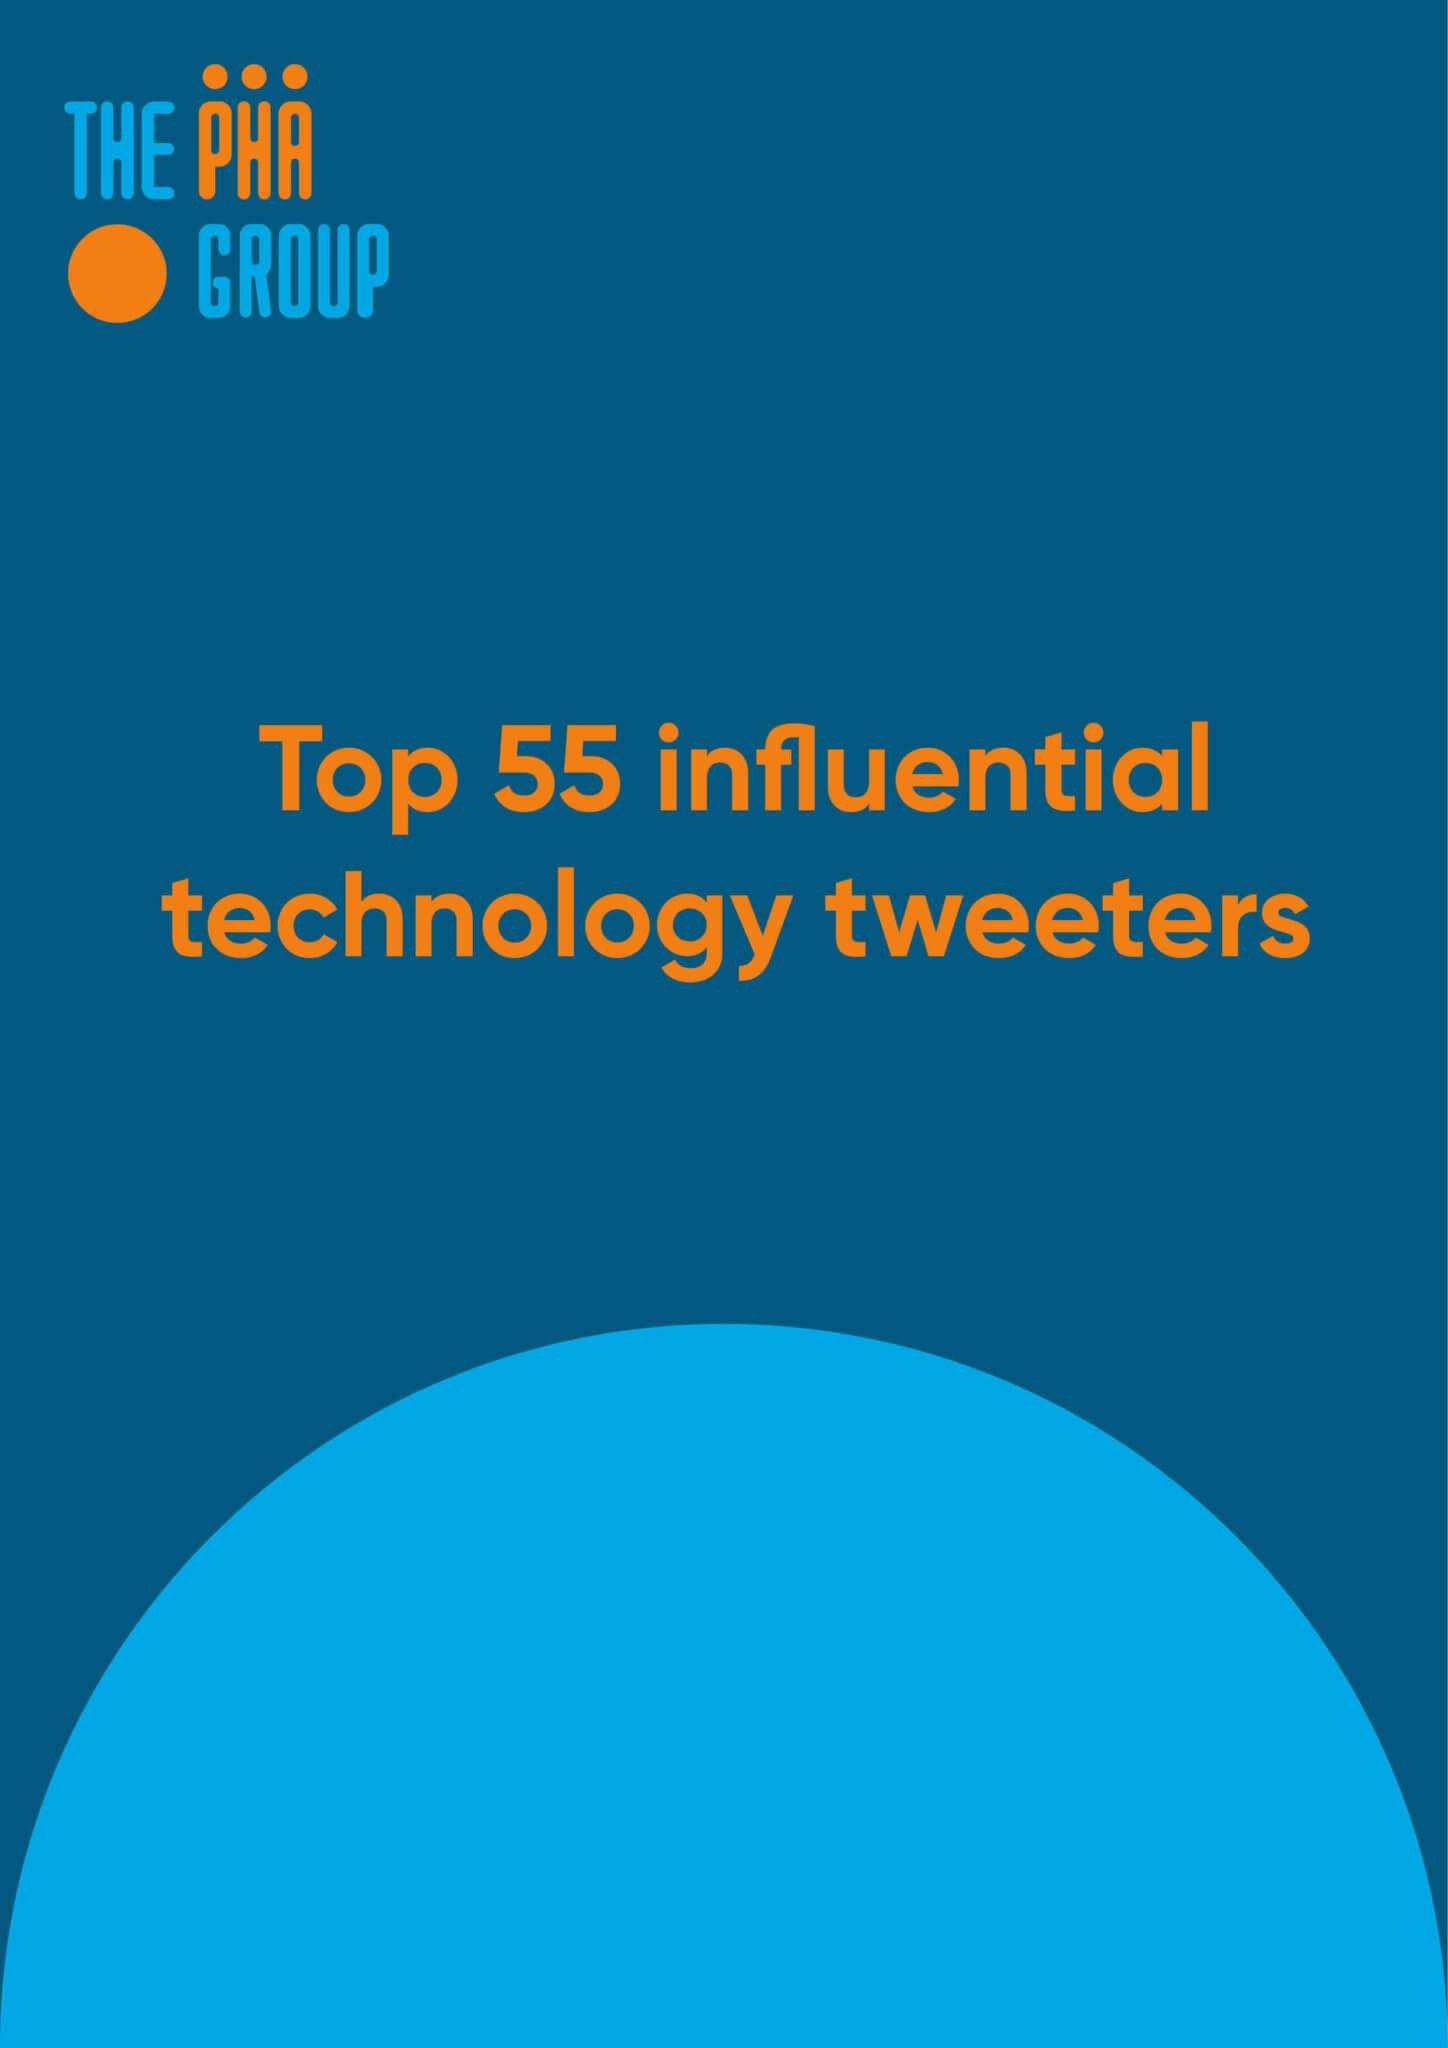 Top 55 influential tech tweeters